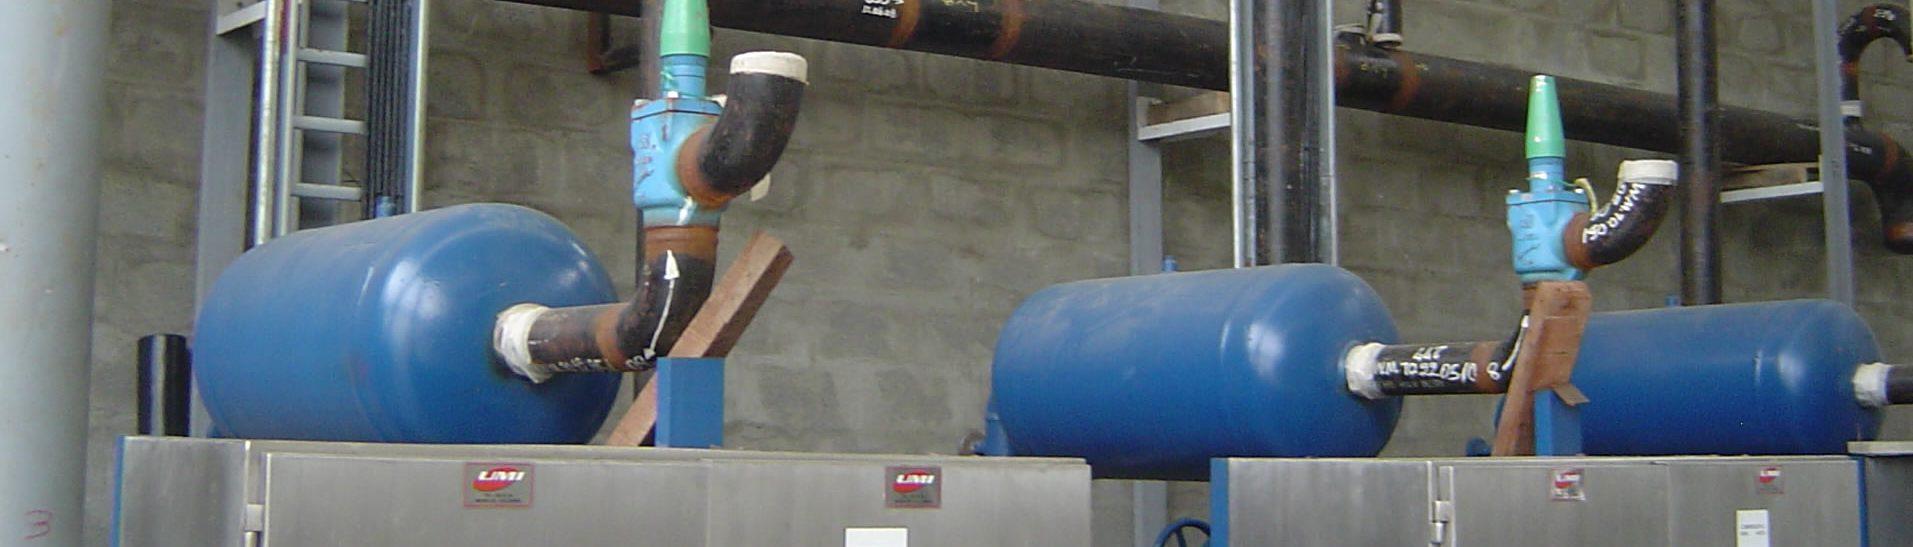 Montaje tubería NH3 en acero al carbón